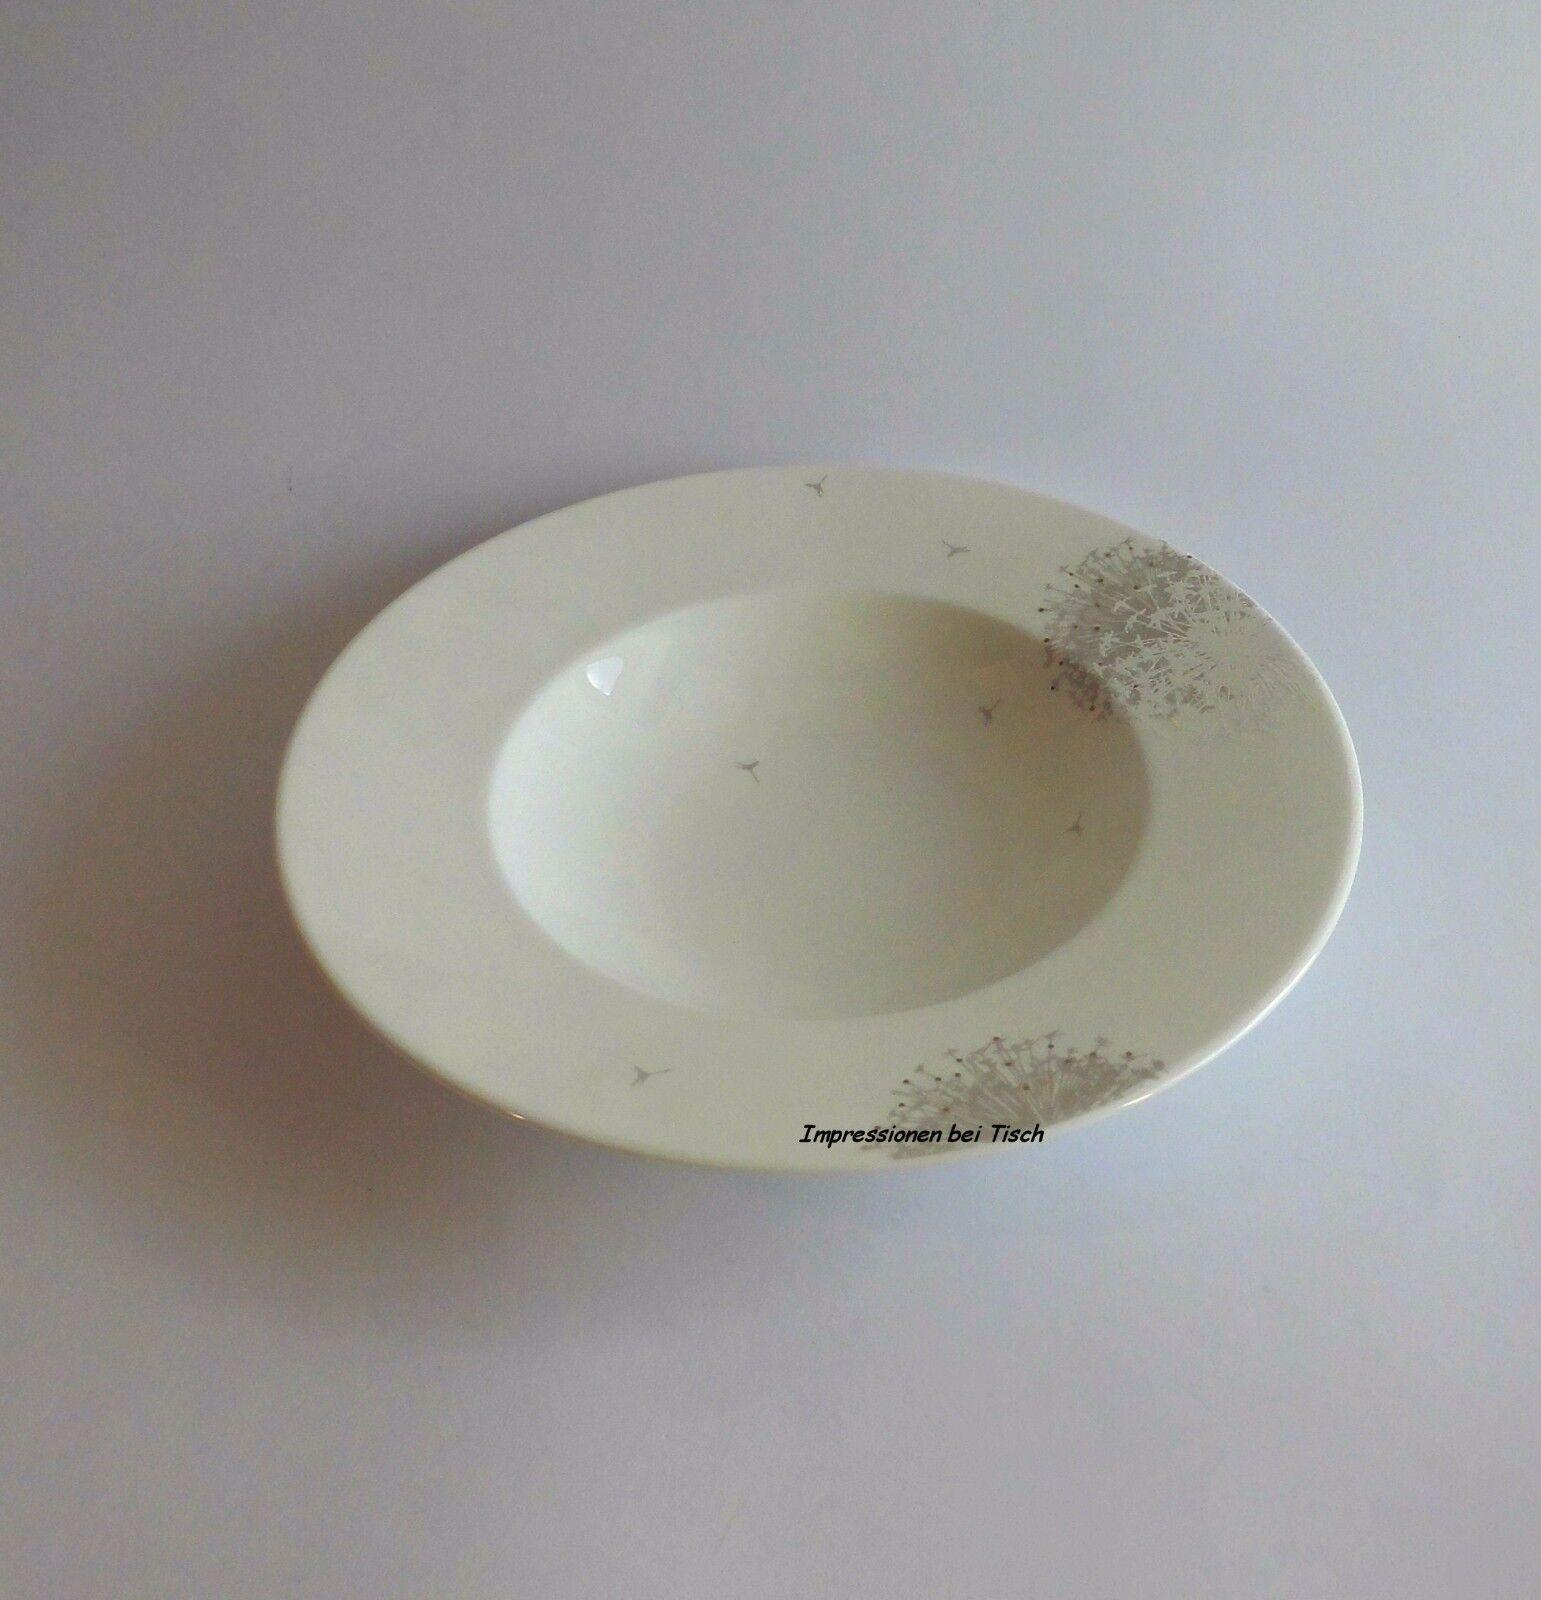 Rosenthal Curve Dandelion-Pates Assiette-Neuf 1. Choix